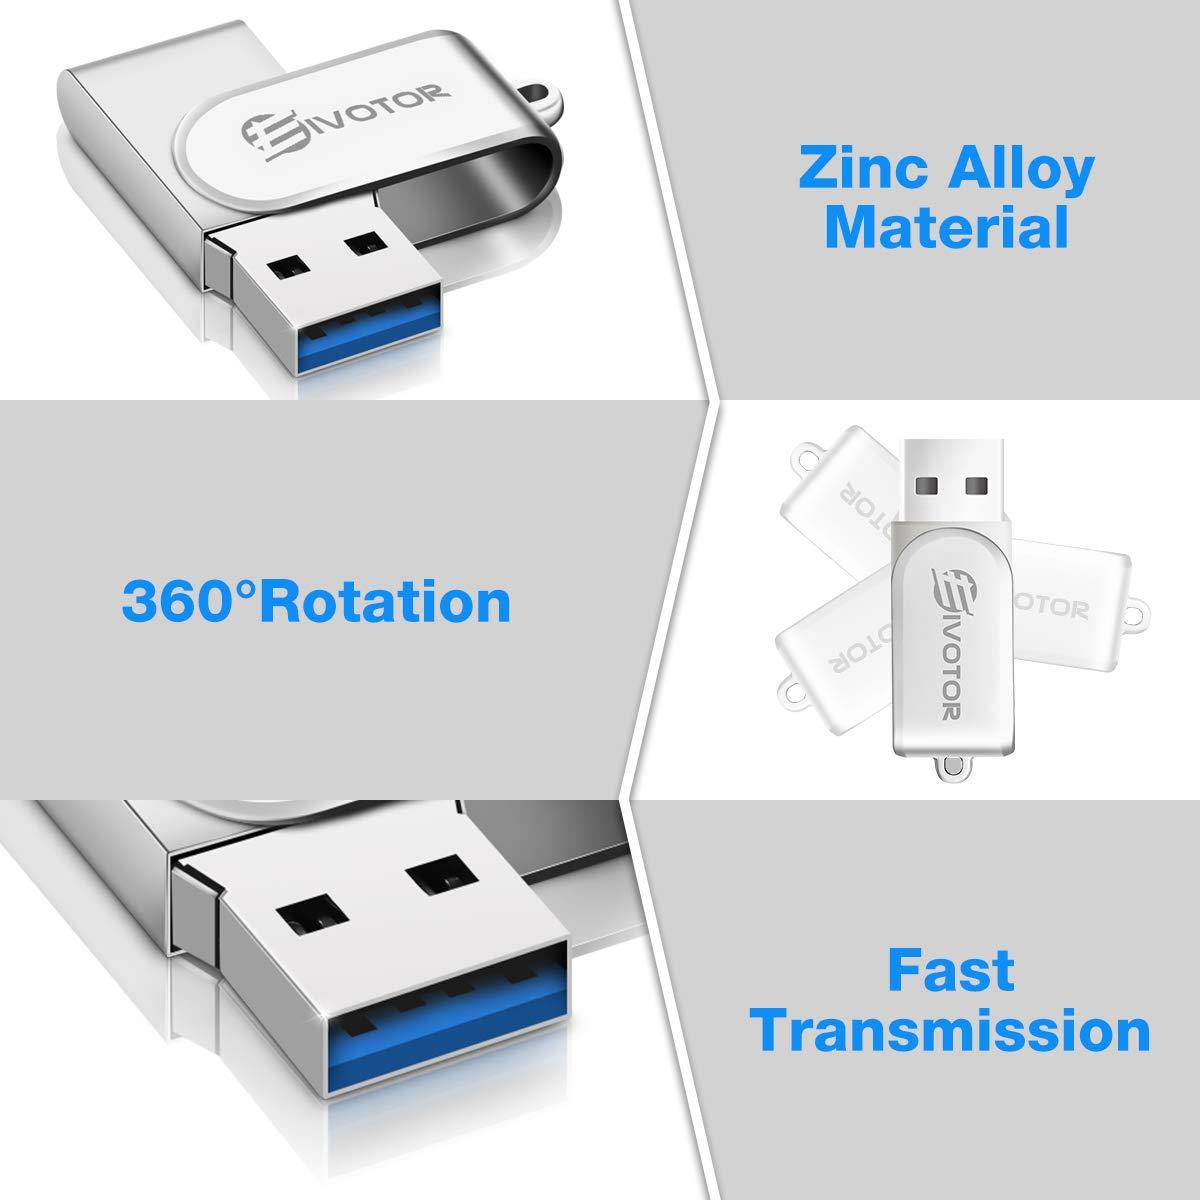 T/él/éphones Tablettes Cl/é USB jusqu/à 140 Mo//s en Lecture EIVOTOR 64GB Mini Lecteur Flash M/émoire /Étanche 2 en 1 3.0 Memory Stick Disque Flash Drive Type-C pour MacBook Voiture Ordinateurs